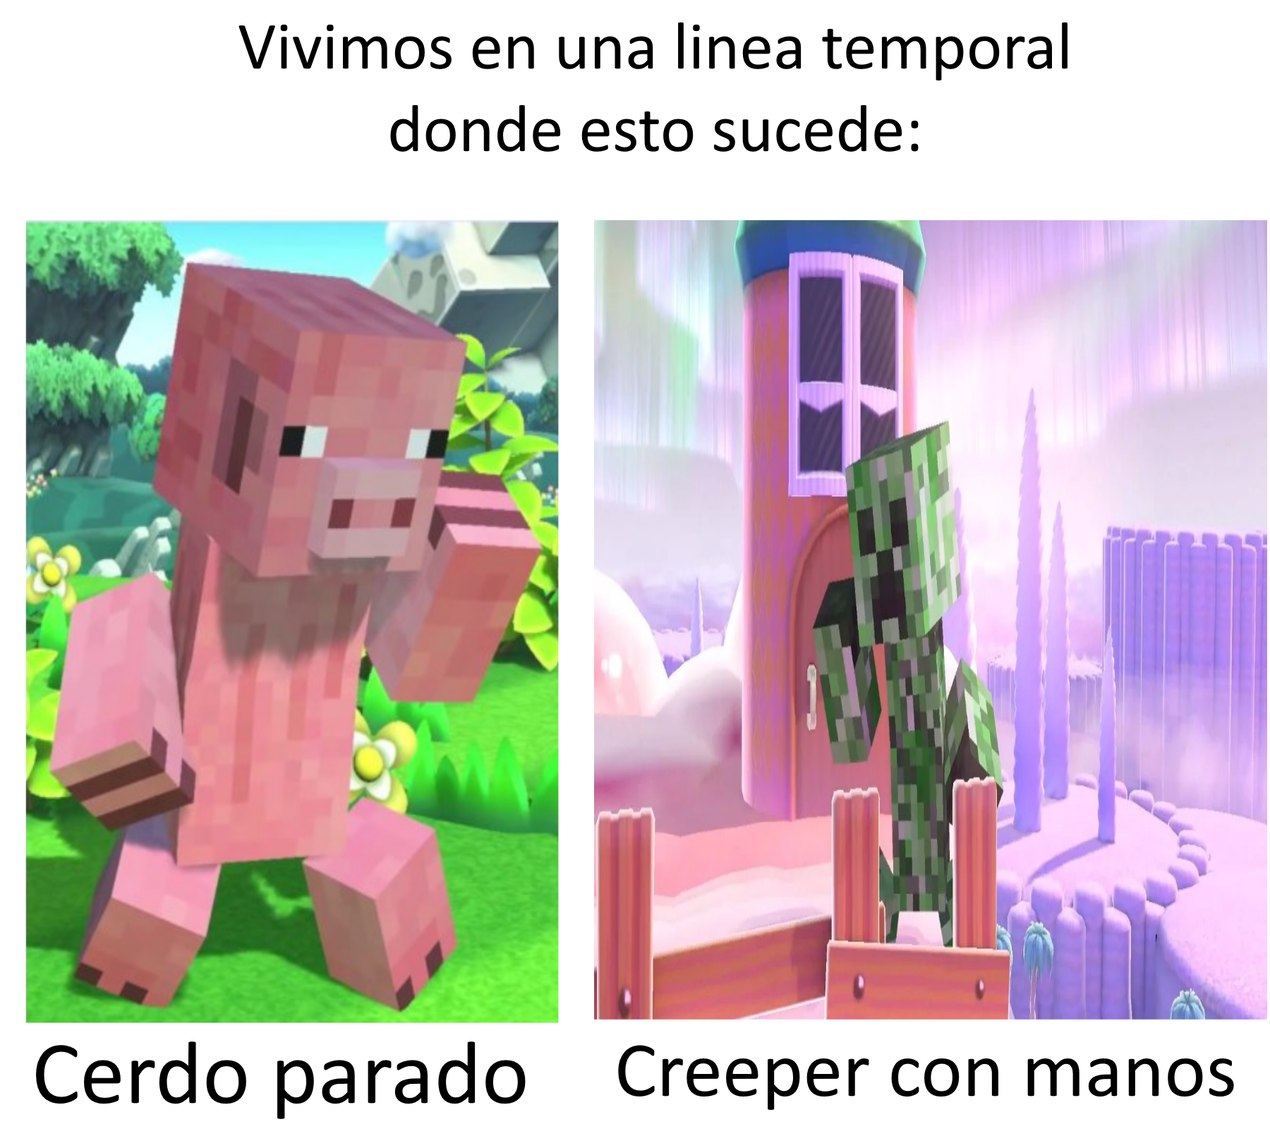 Ultimo meme de Minceraft x Smash se los juro (Bueno hasta que salga el DLC en Latinoamérica :trollface:)